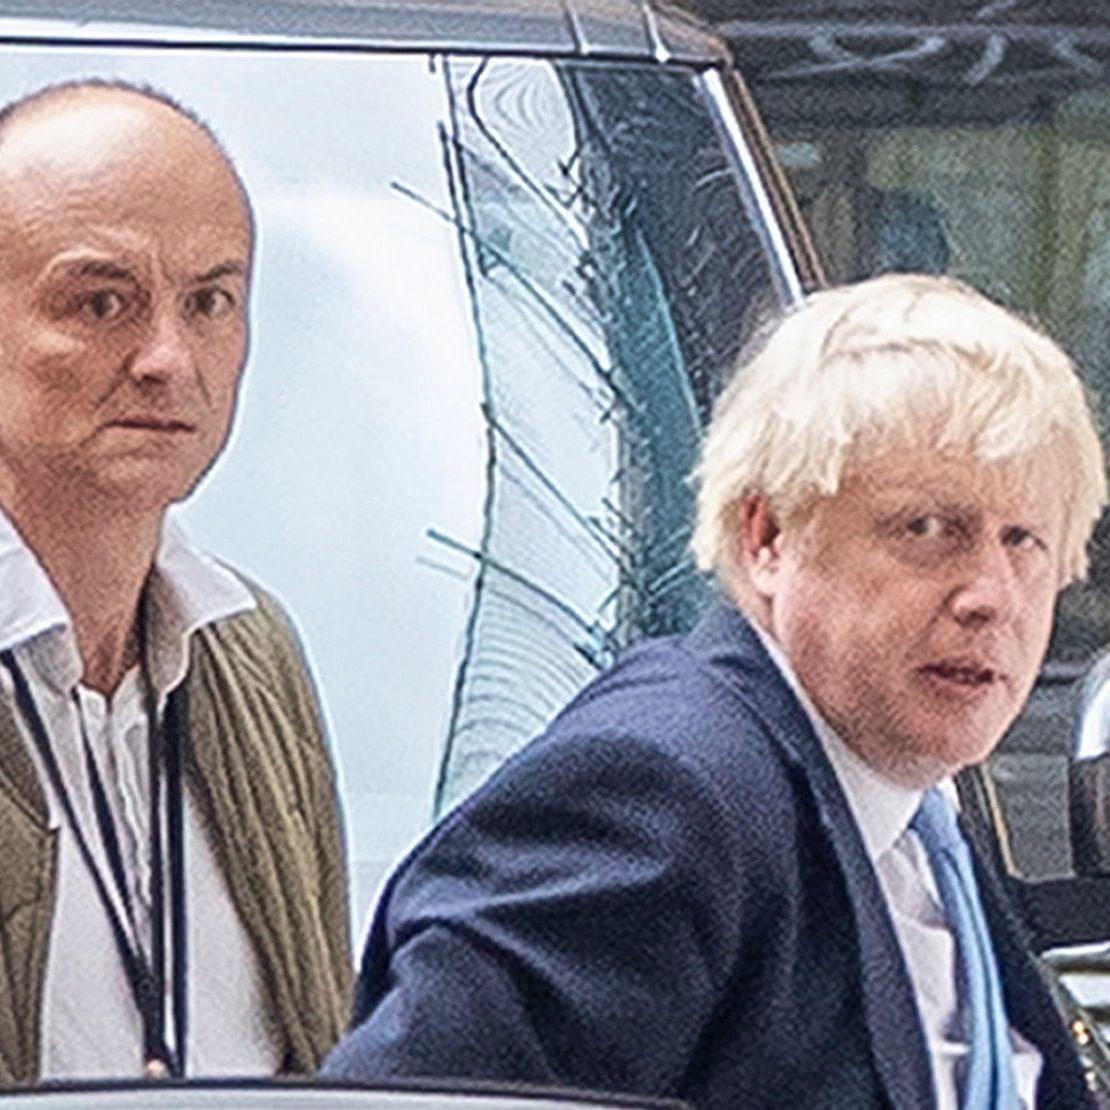 Dominic Cummings and Boris Johnson (Photo courtesy- social media)